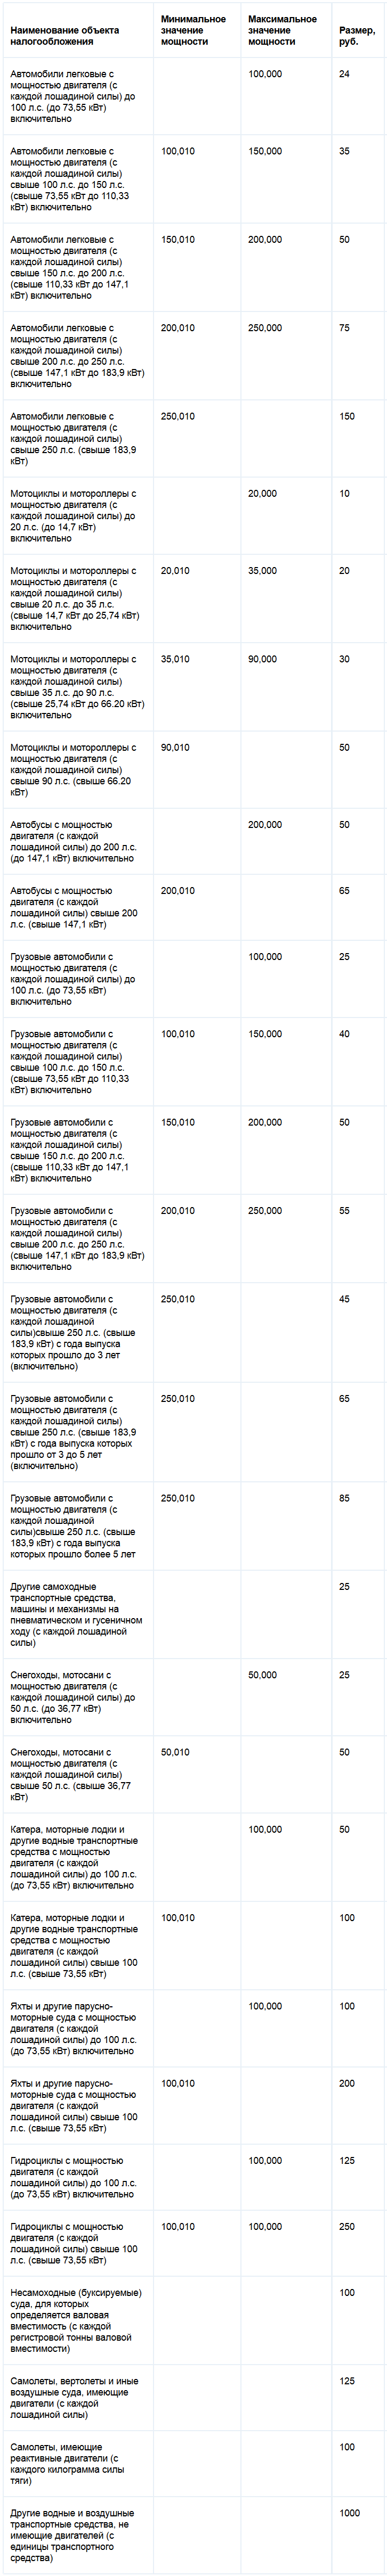 Налоговые ставки на транспорт в санкт-петербурге с 1 января 2010 года базовые ставки транспортного налога увеличат